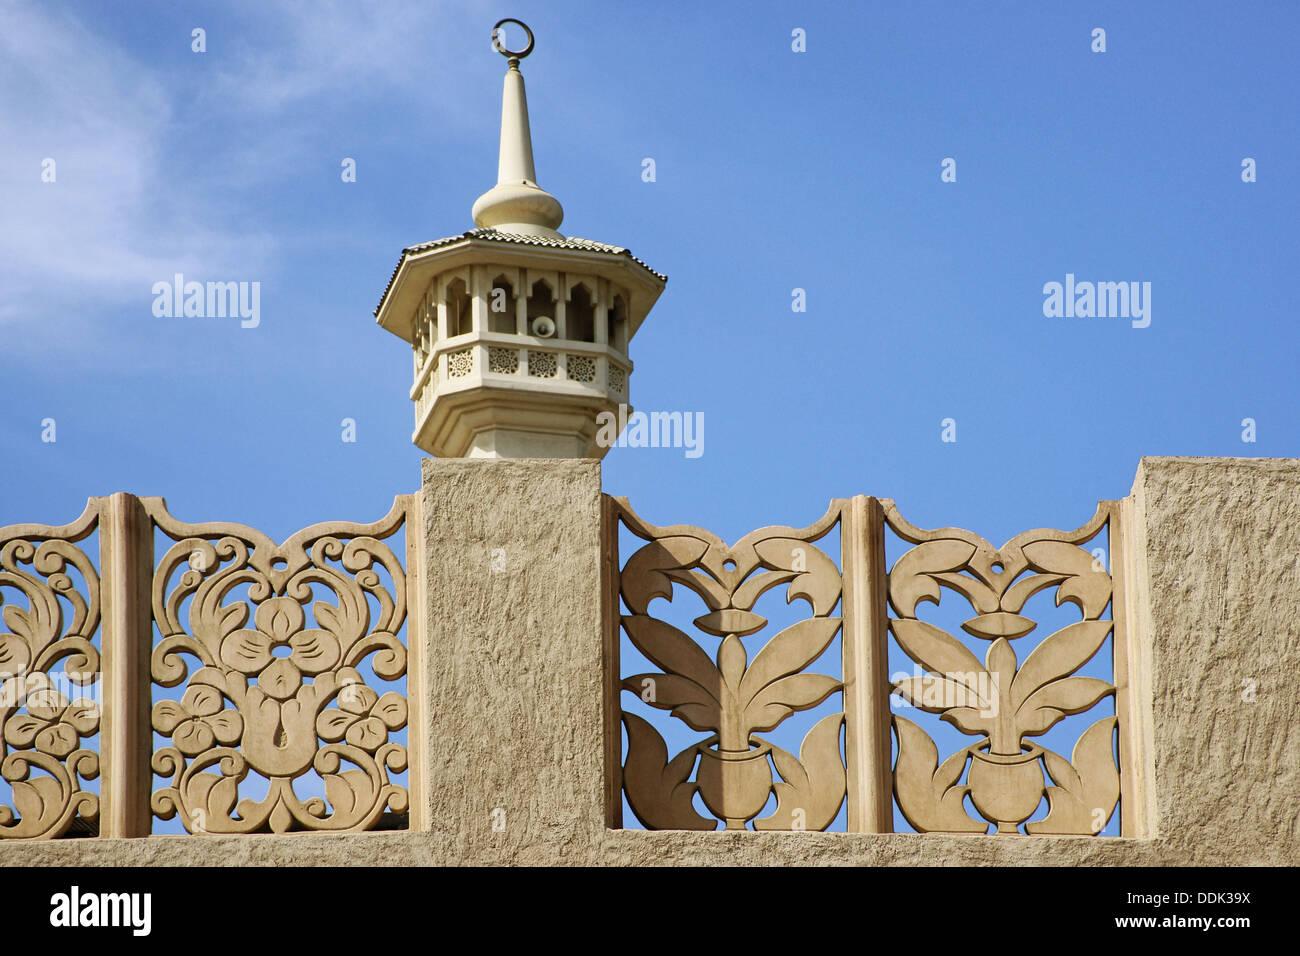 Architectural detail at Al Bastakiya, Dubai, UAE (United Arab Emirates) - Stock Image